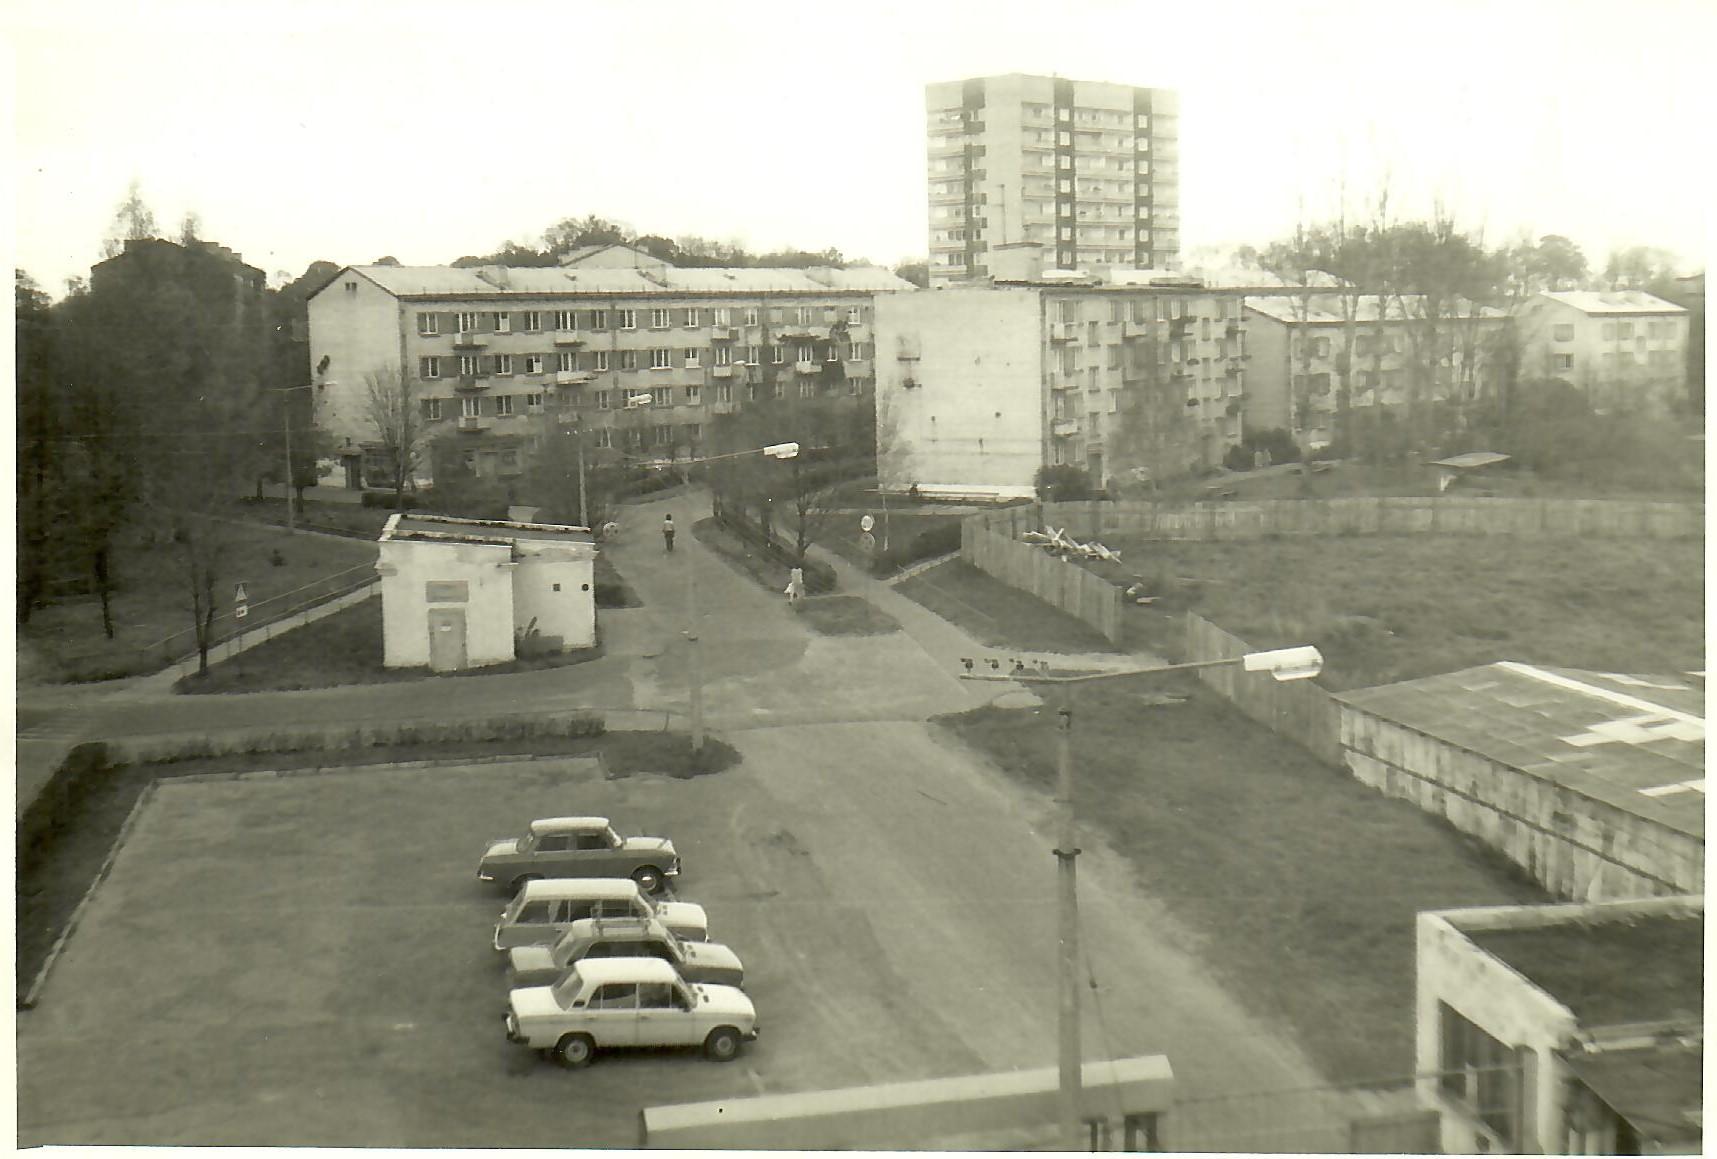 Skats no MRU administrācijas korpusa jumta. 1988.gada oktobrī. Tālumā 13.korpuss. (Foto no V.Kārkliņa arhīva)